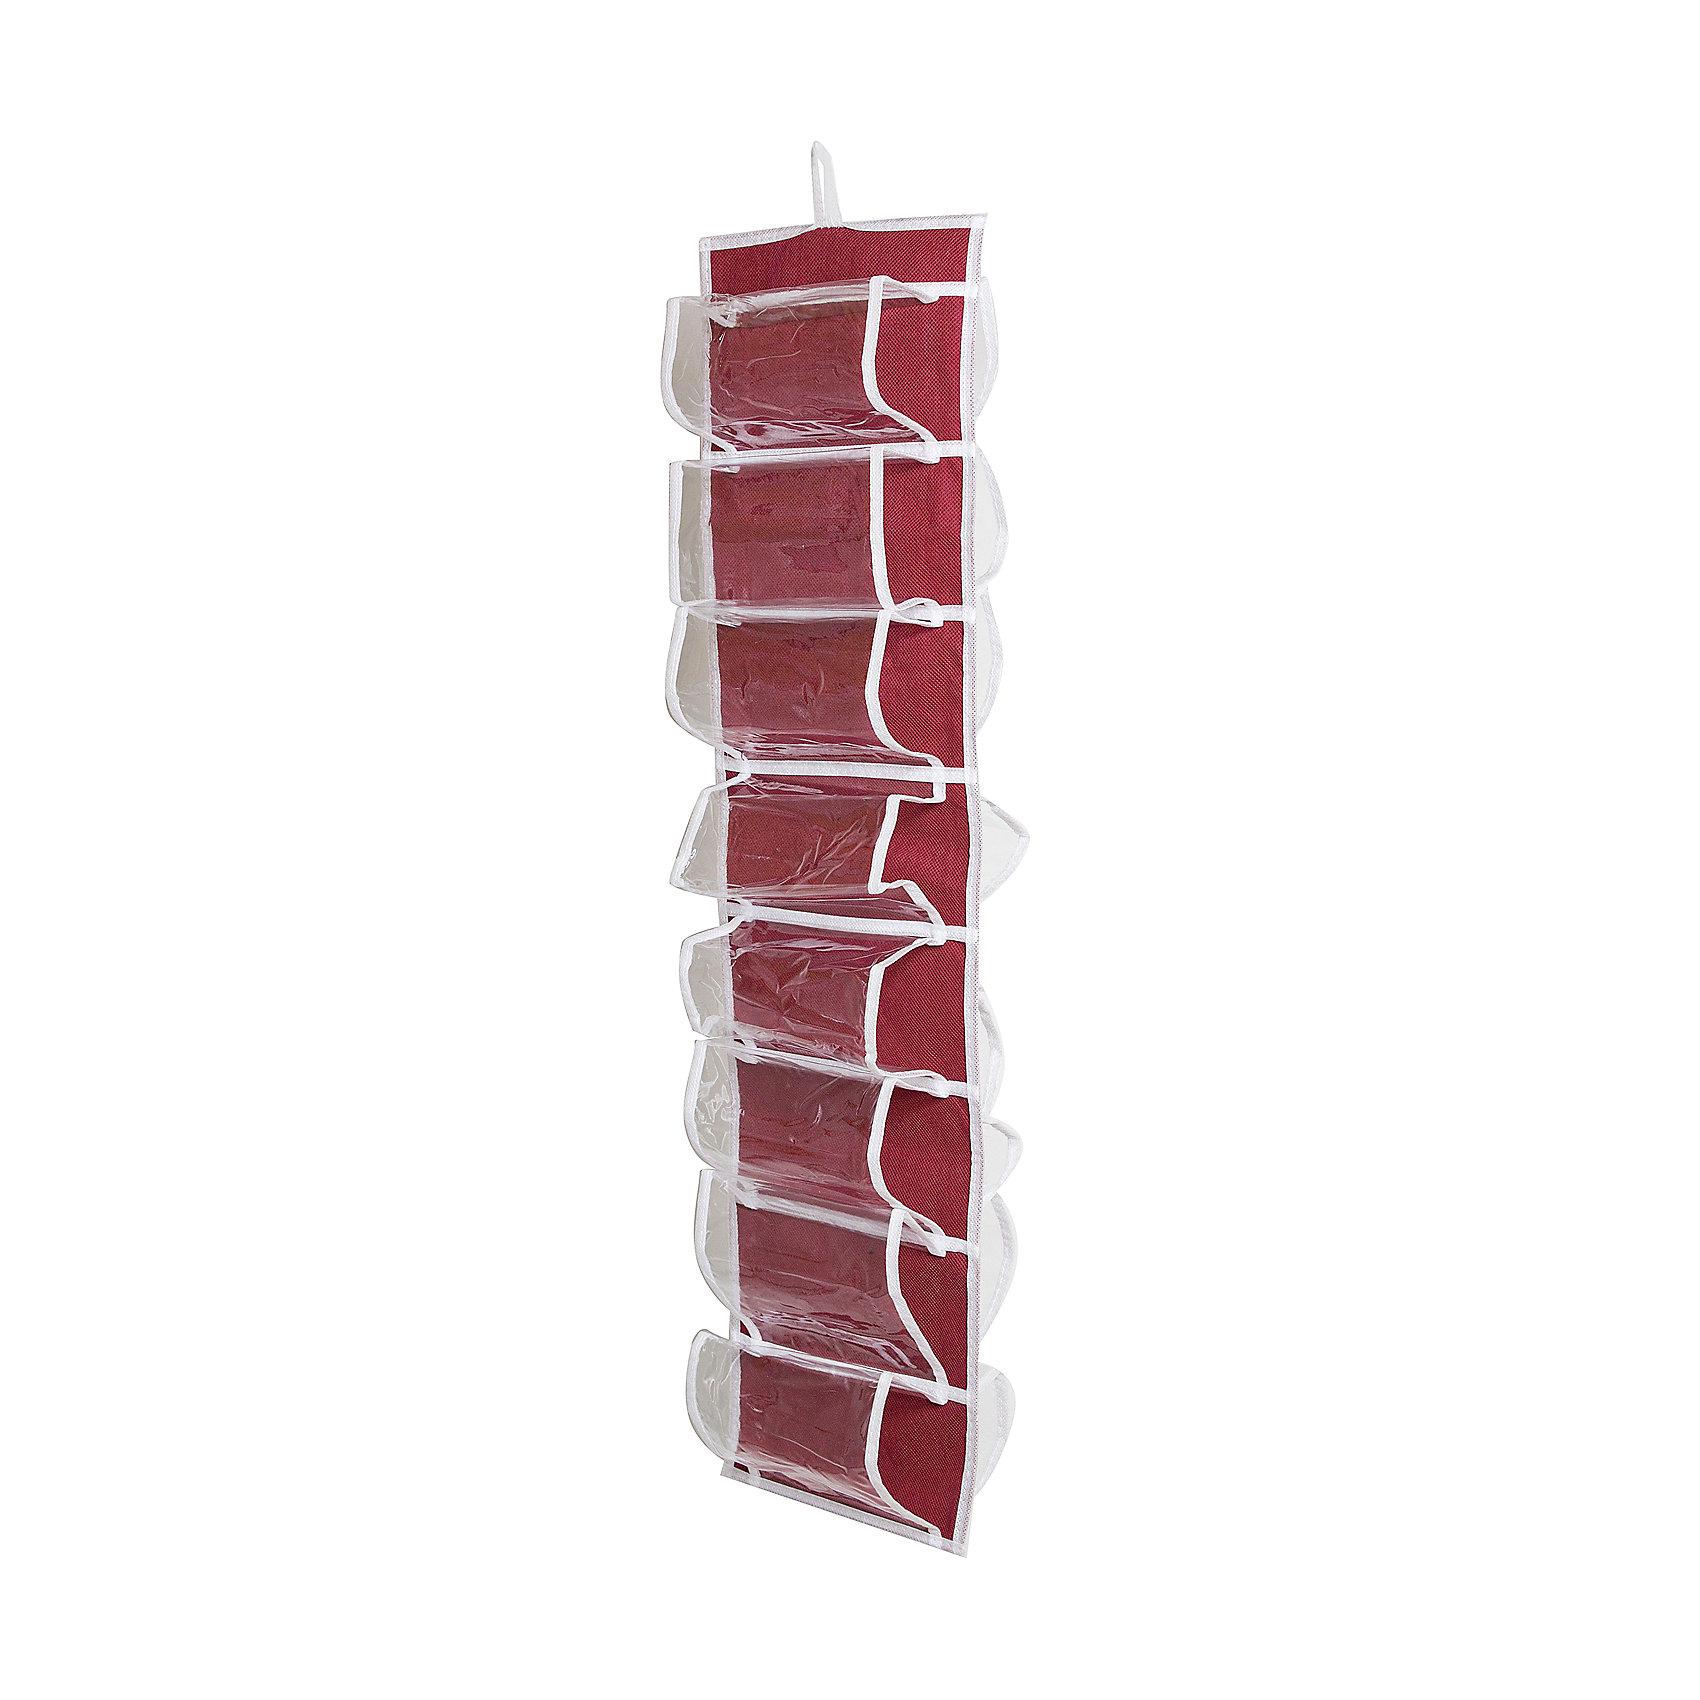 Органайзер для колготок, шарфов и мелочей Red Rose, HomsuПорядок в детской<br>Характеристики товара:<br><br>• цвет: бордовый<br>• материал: полиэстер<br>• размер: 20х80 см.<br>• вес: 200 гр.<br>• легко складывается и раскладывается<br>• крепление: петля<br>• естественная вентиляция<br>• вместимость: 16 отделений<br>• страна бренда: Россия<br>• страна изготовитель: Китай<br><br>Органайзер для колготок, шарфов и мелочей Red Rose от бренда Homsu (Хомсу) - очень удобная вещь для хранения вещей и эргономичной организации пространства.<br><br>Он состоит из 16 отделений, легко крепится на стену, дверь или внутрь шкафов.<br><br>Органайзер для колготок, шарфов и мелочей Red Rose, Homsu можно купить в нашем интернет-магазине.<br><br>Ширина мм: 300<br>Глубина мм: 220<br>Высота мм: 20<br>Вес г: 200<br>Возраст от месяцев: 216<br>Возраст до месяцев: 1188<br>Пол: Унисекс<br>Возраст: Детский<br>SKU: 5620234